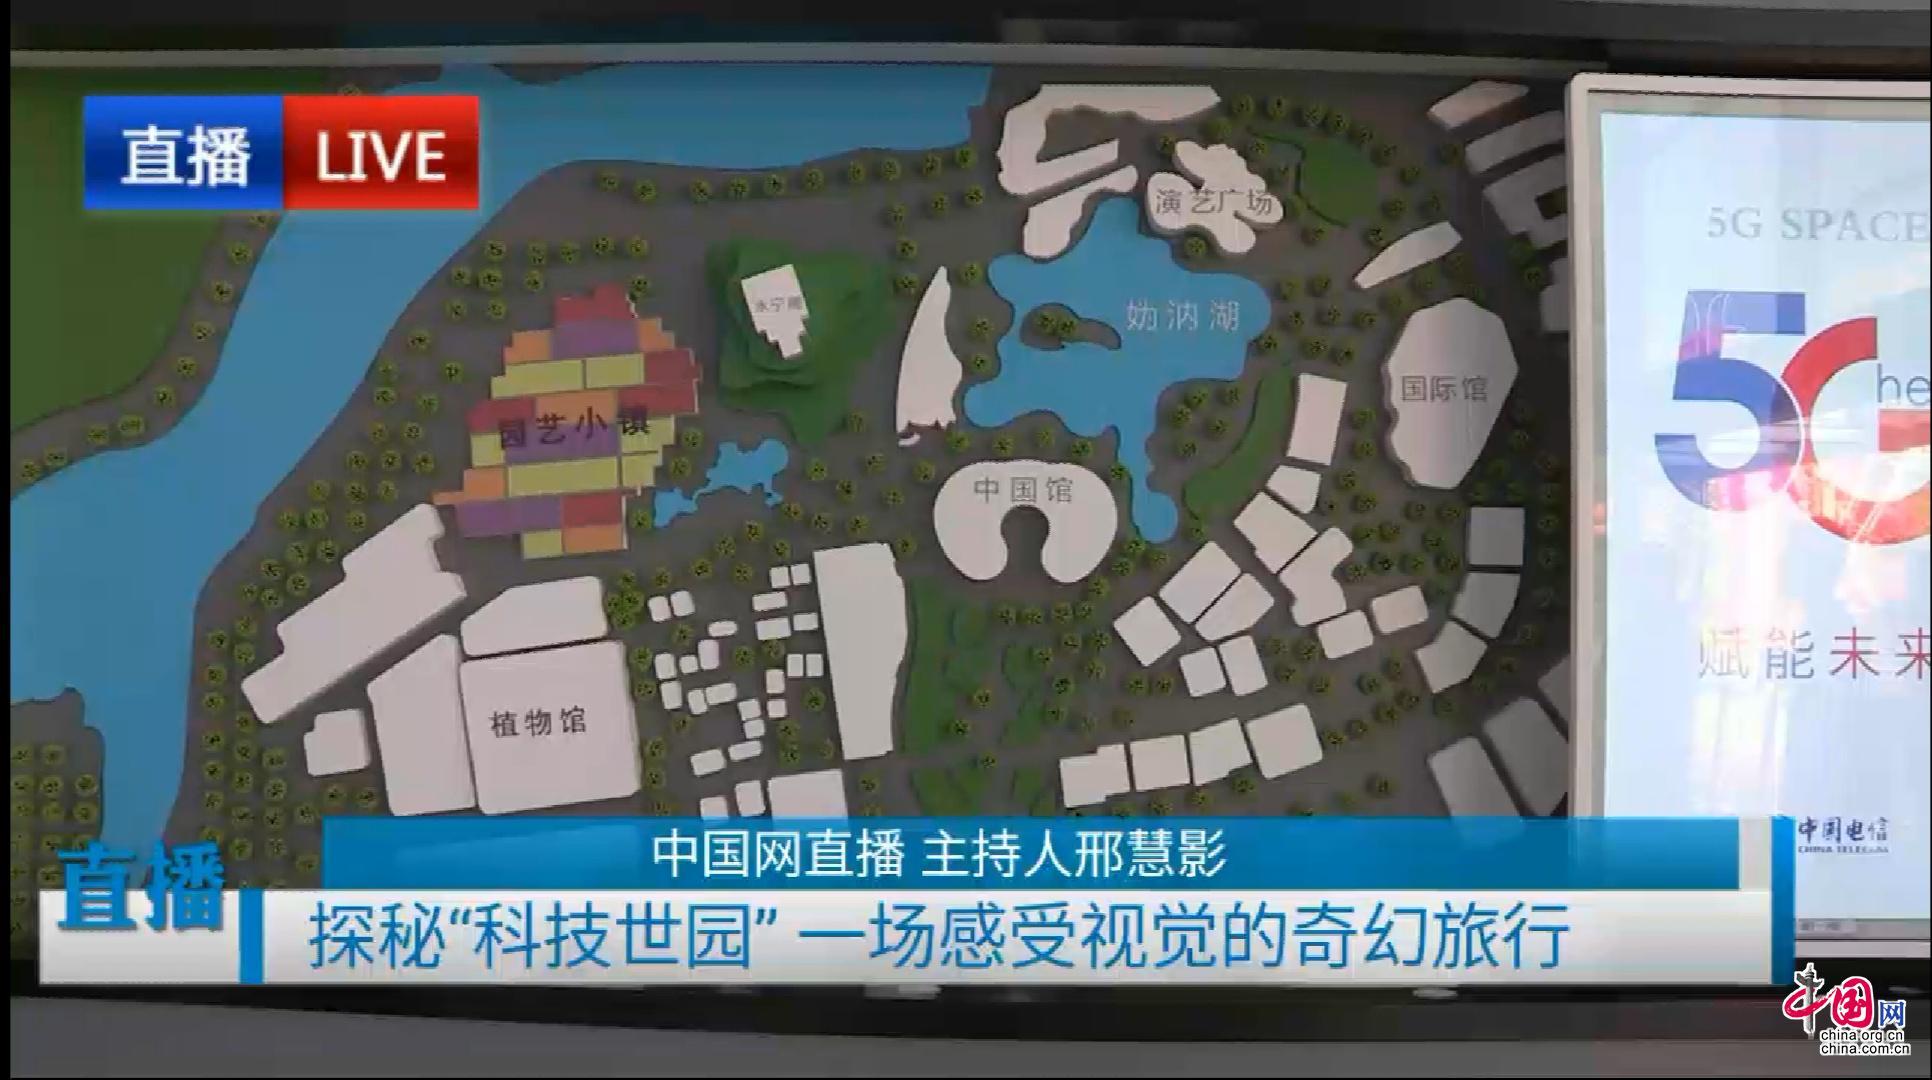 探秘科技世园:直播解锁北京世园会5G、AR的科技奥秘